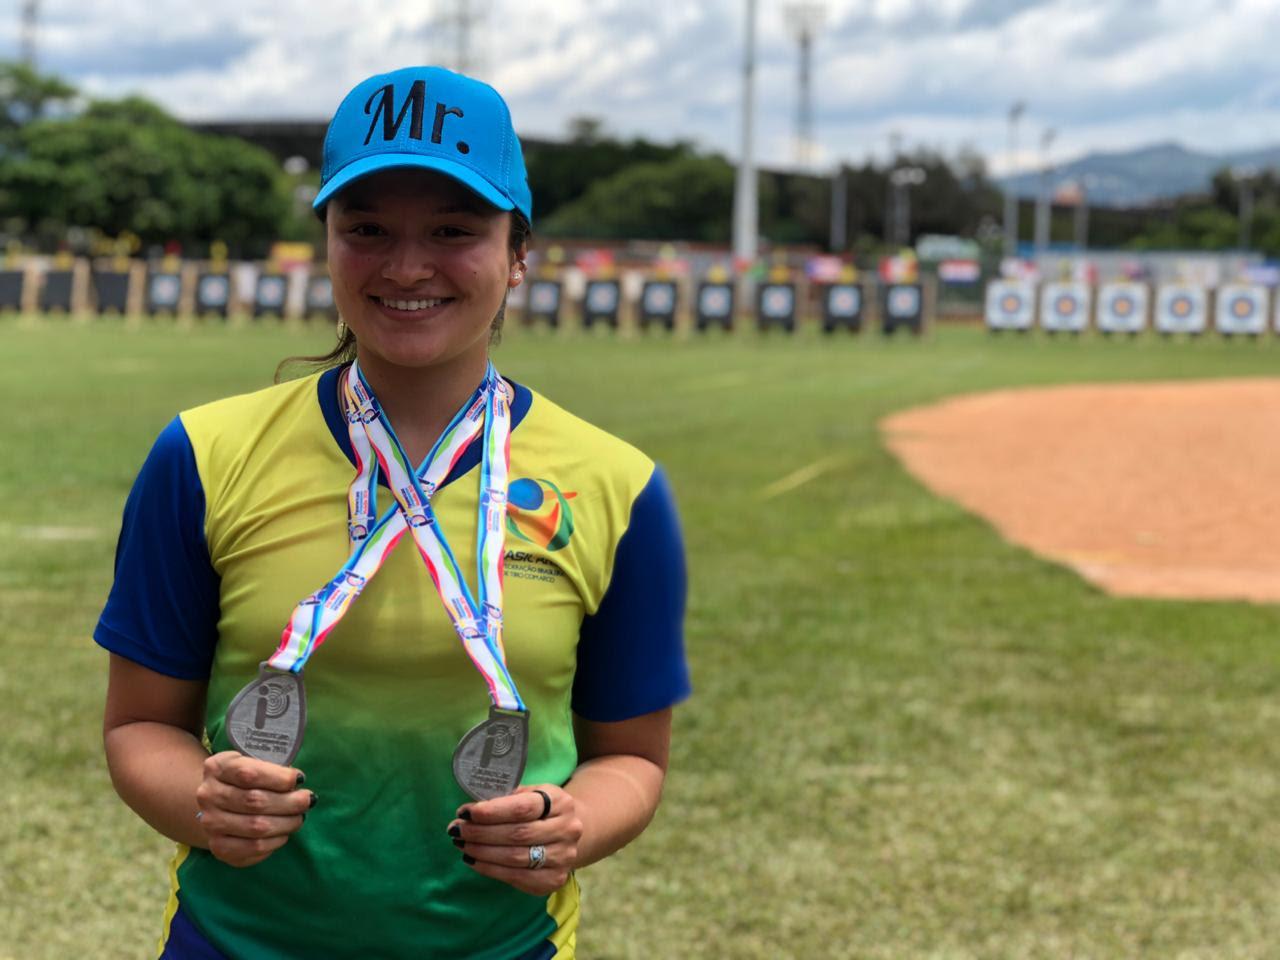 Atleta brasileira de tiro com arco se prepara para buscar vaga nas Olimpíadas de 2020